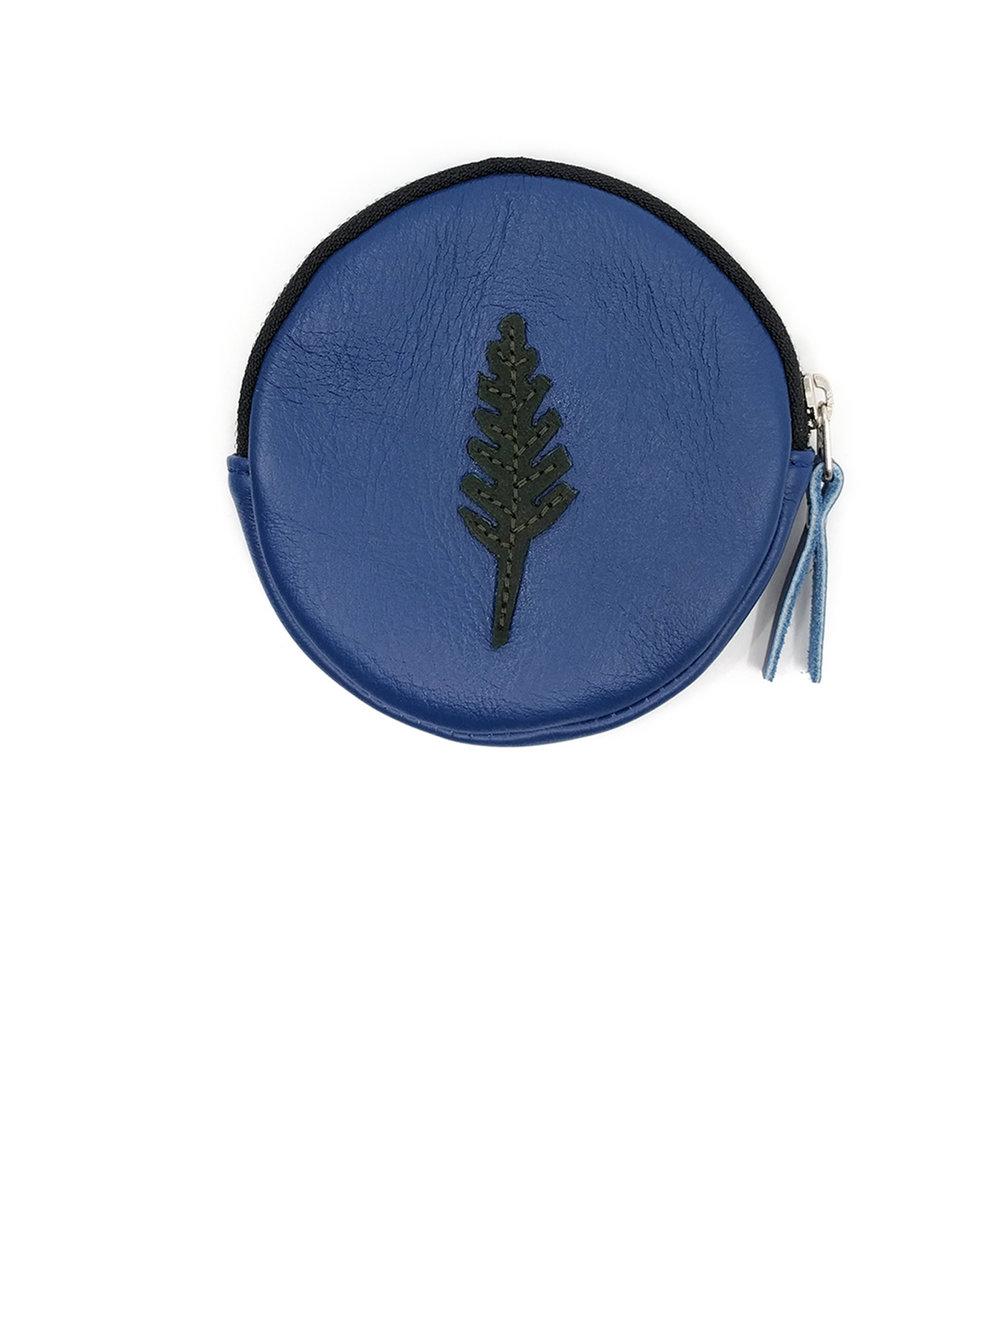 Porte-monnaie - plusieurs couleurs disponibles36.00$